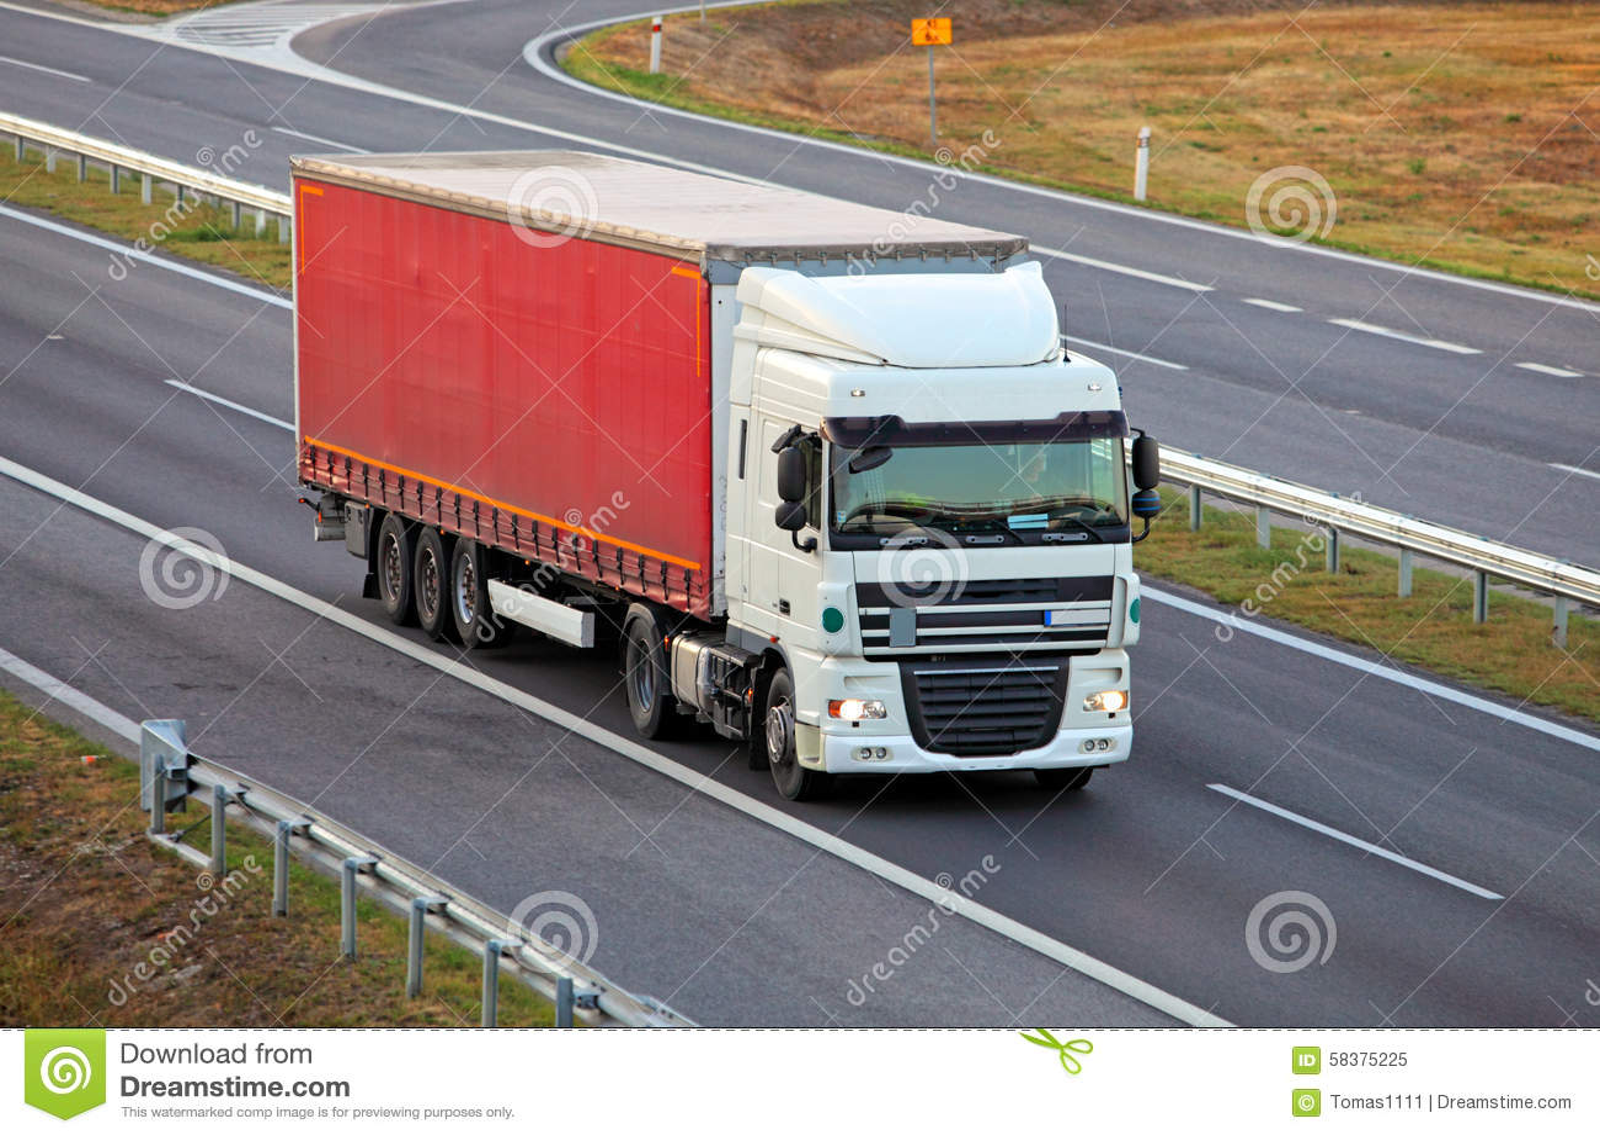 Vrachtwagen op weg, vrachtvervoer